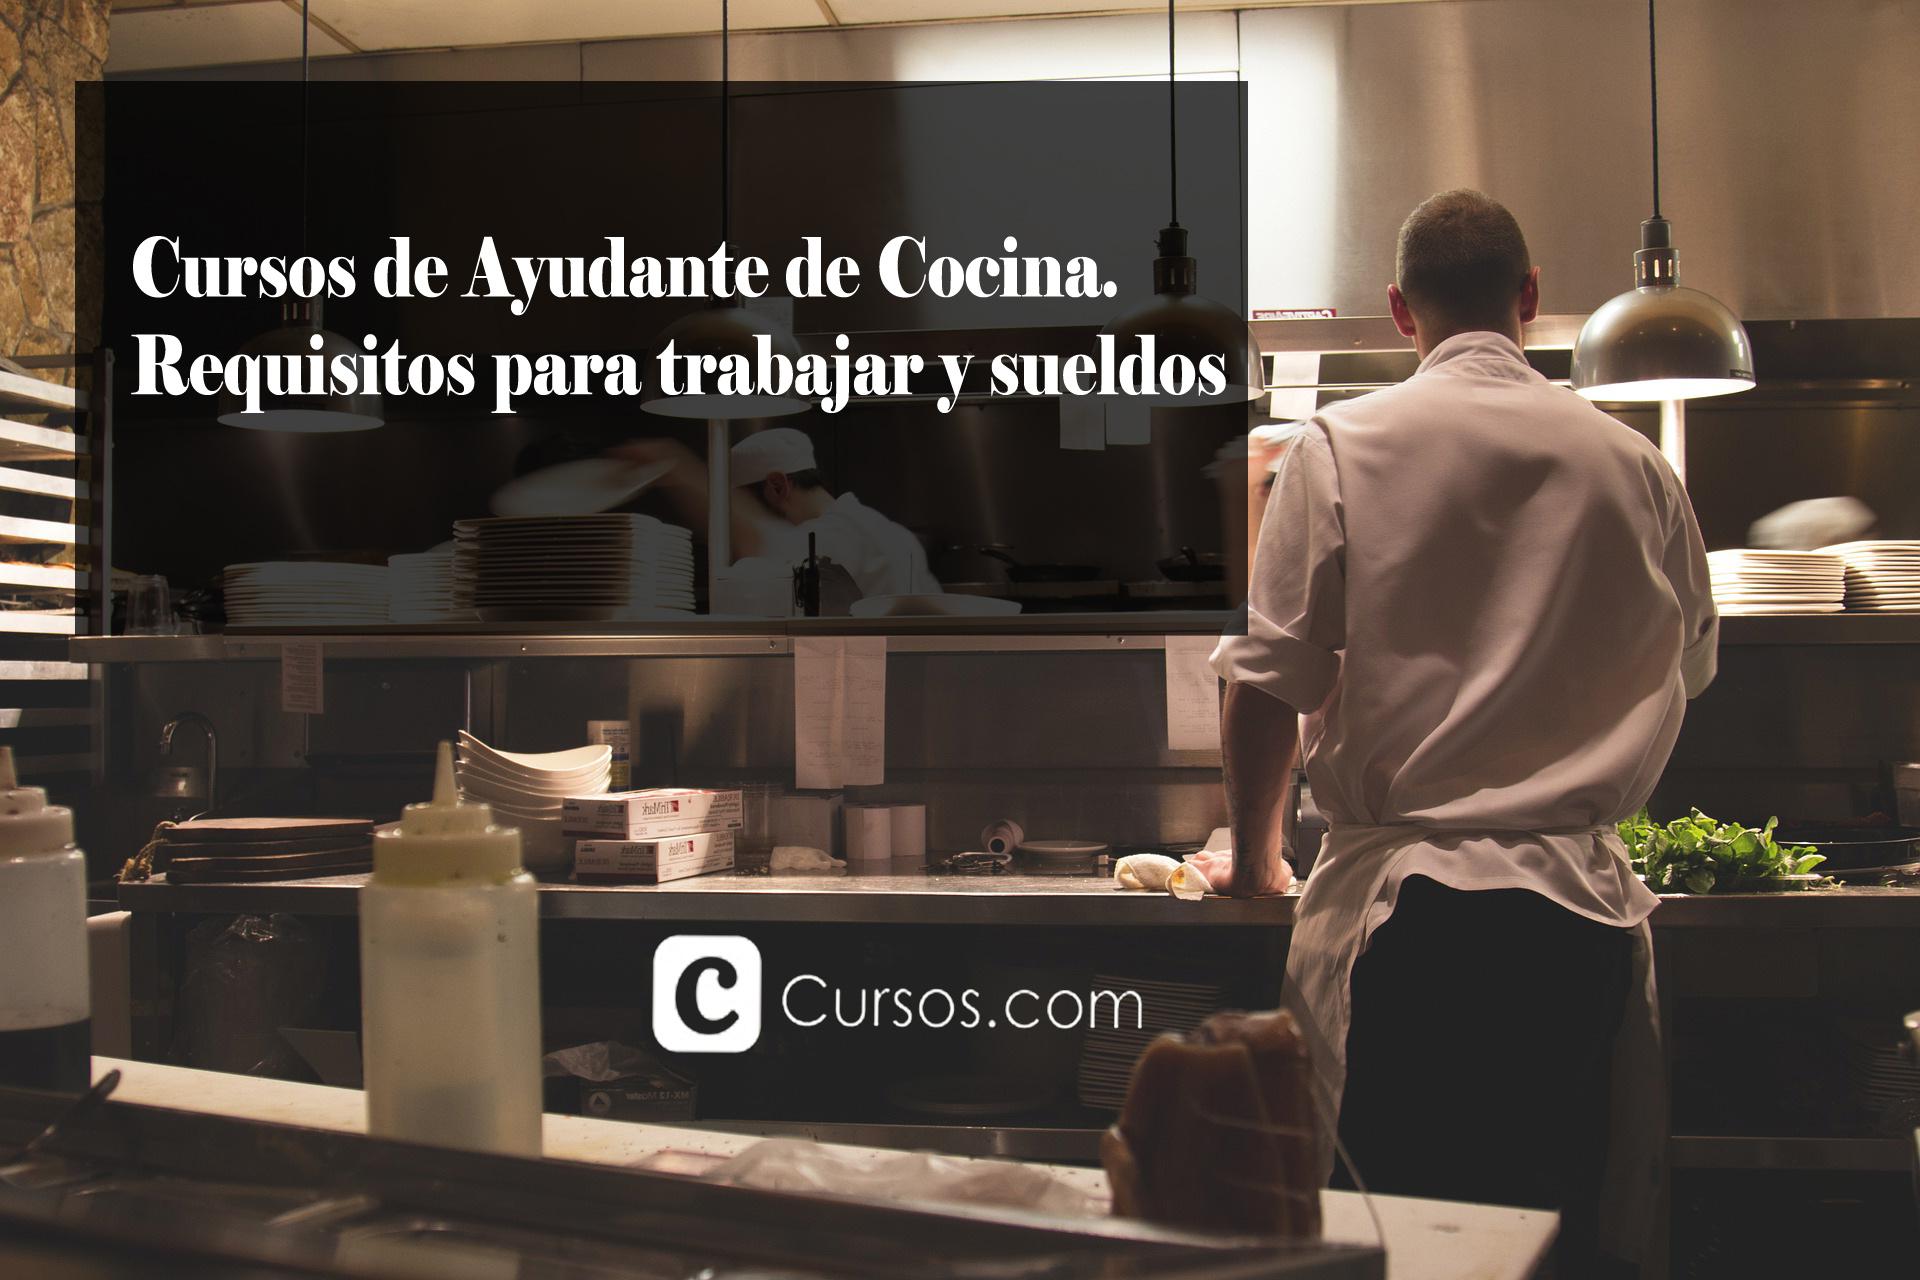 cursos de ayudante de cocina requisitos para trabajar y